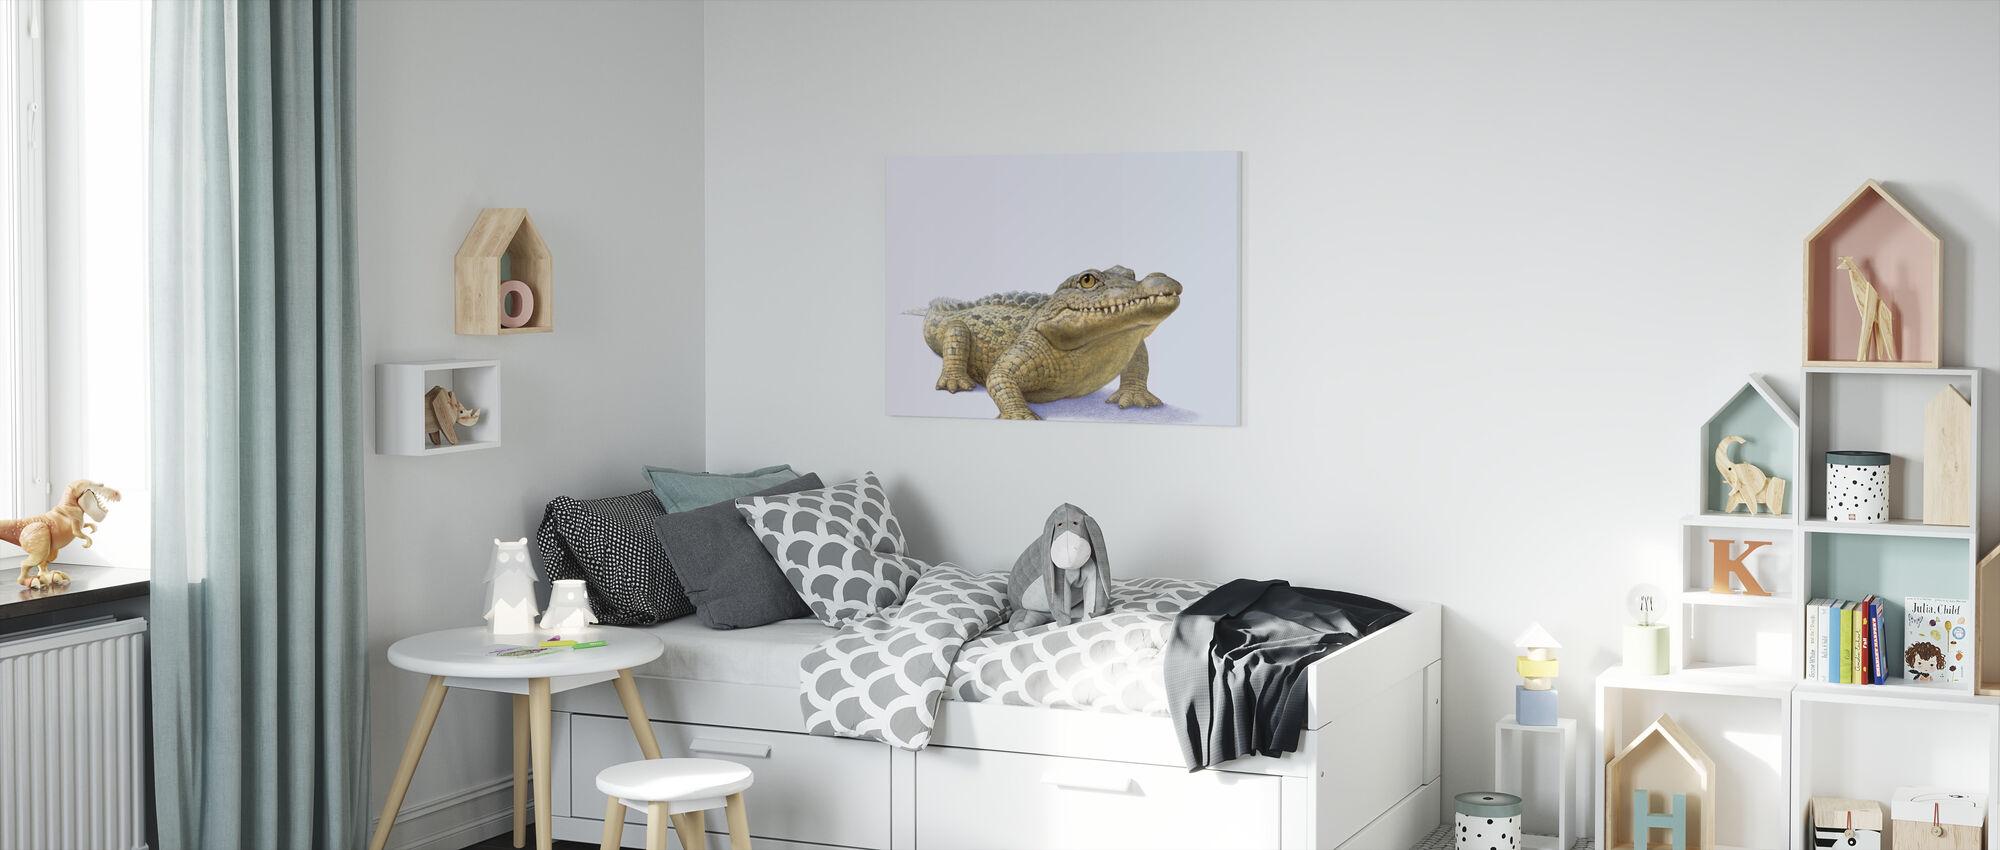 Krokodil-Front - Leinwandbild - Kinderzimmer